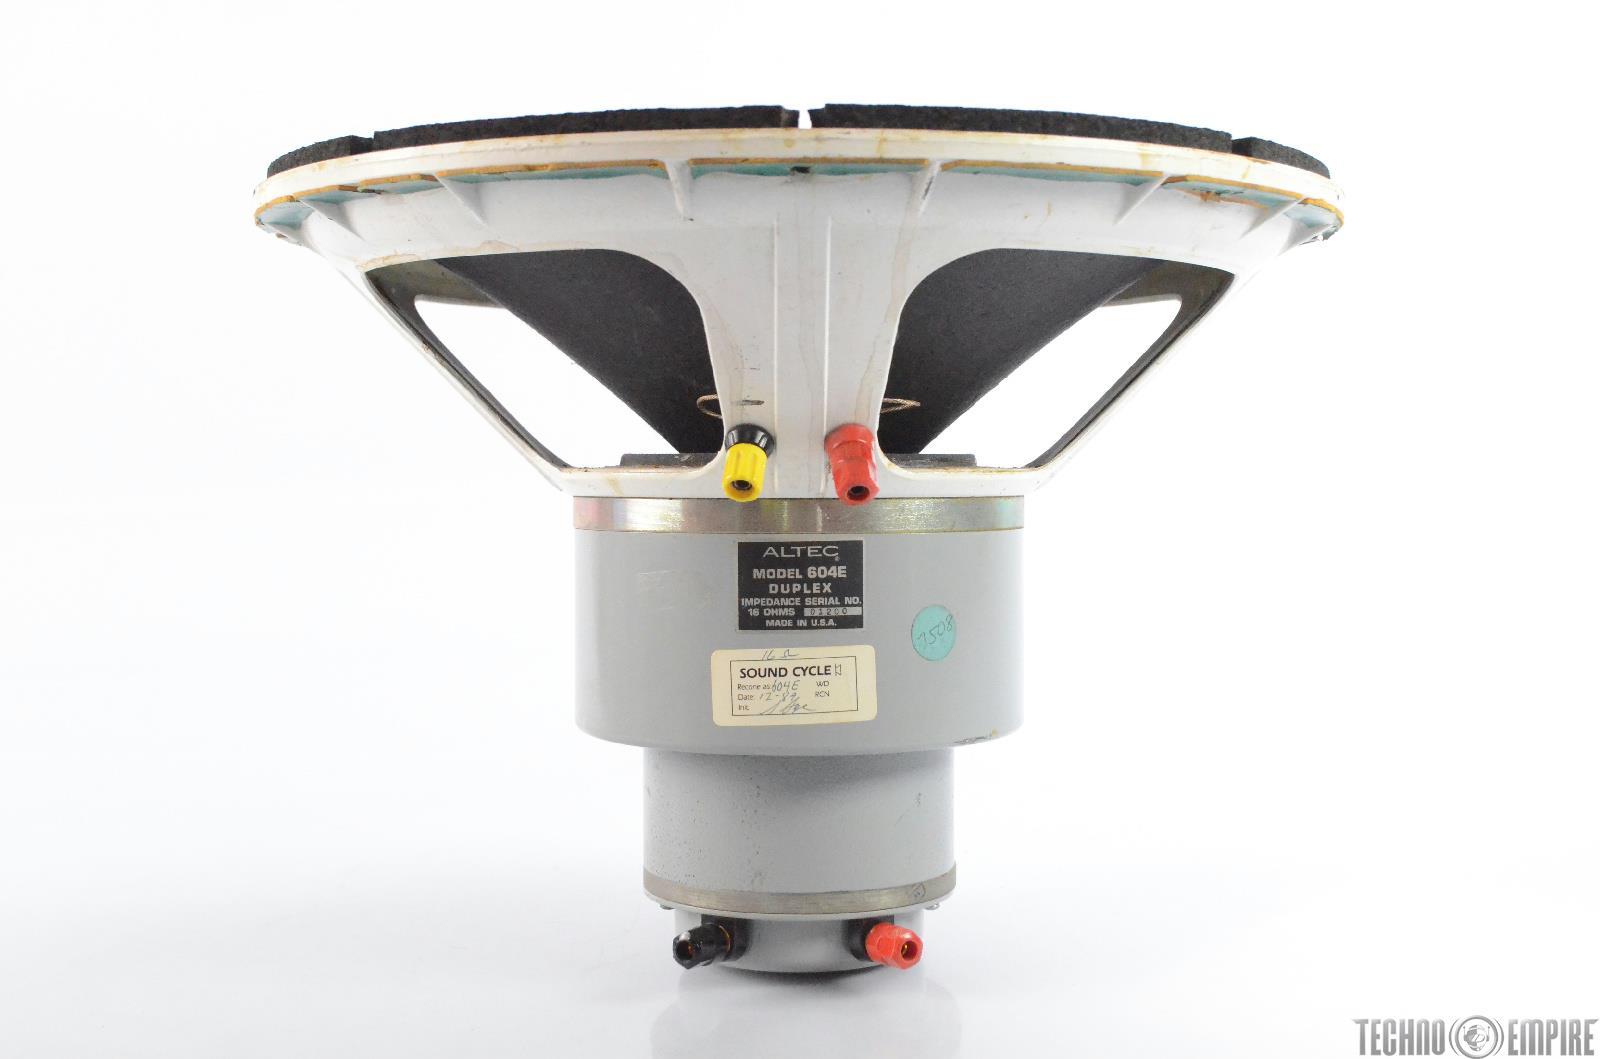 Altec 604E Duplex Speaker Loudspeaker from Sunset Sound Factory #30593